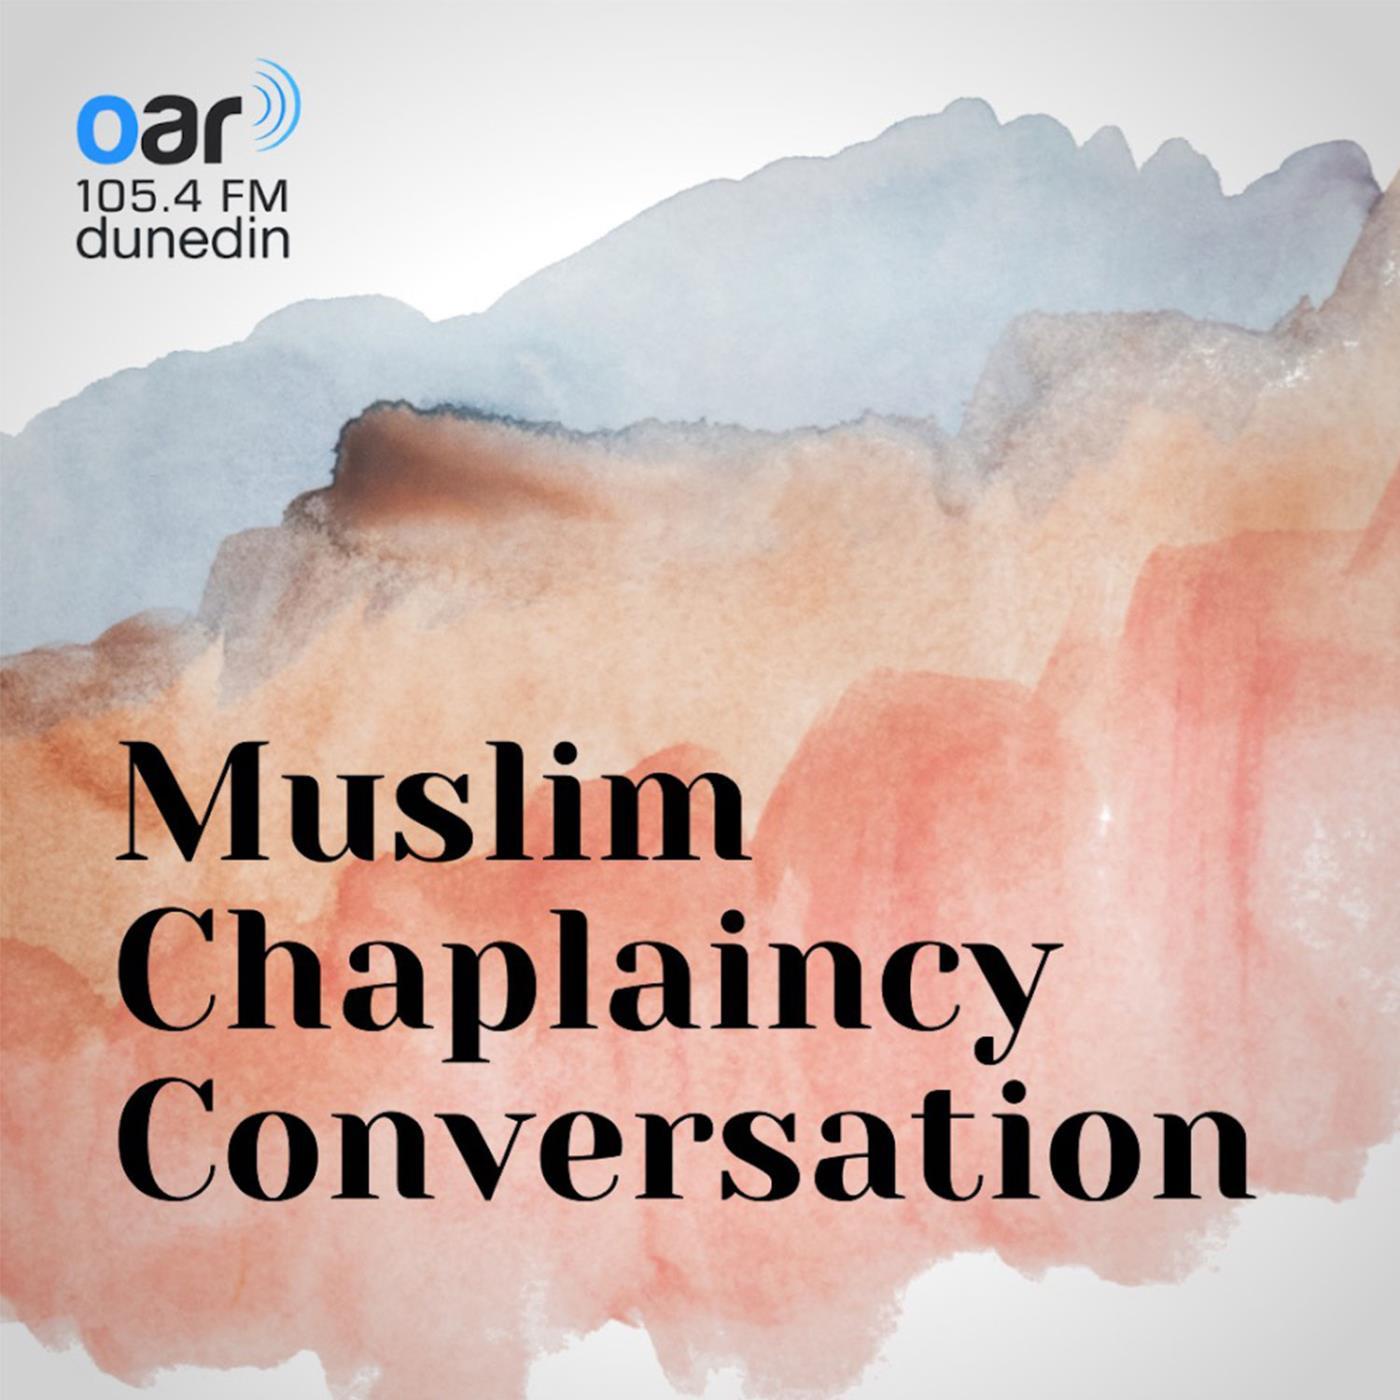 Muslim Chaplaincy Conversation on OAR FM - 05-03-2021